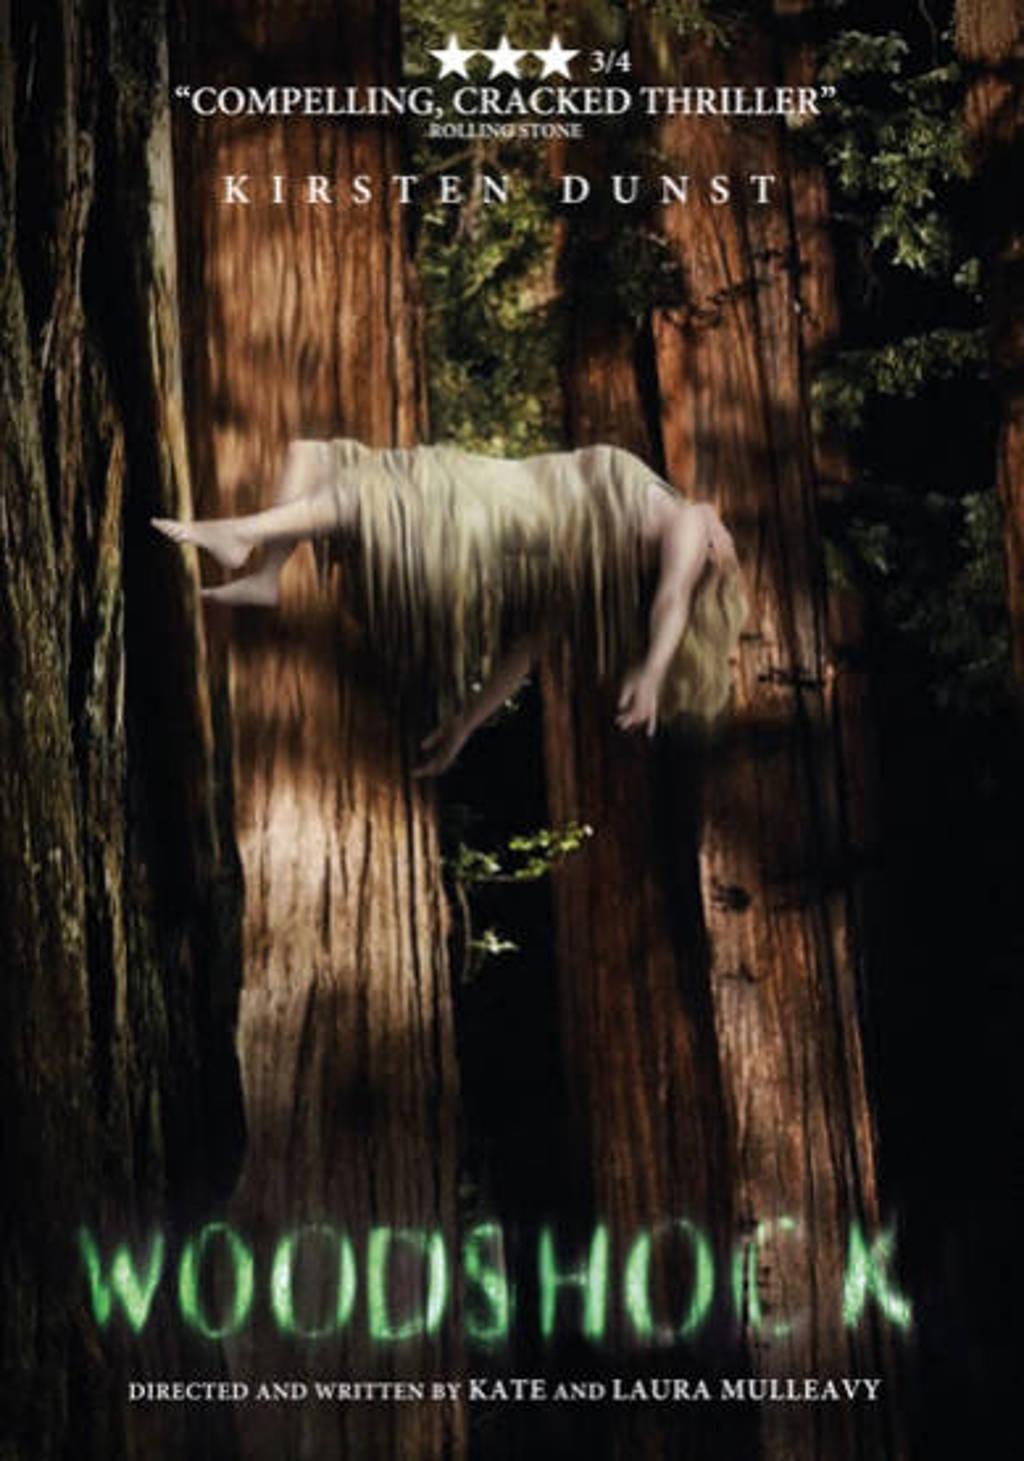 Woodshock (DVD)